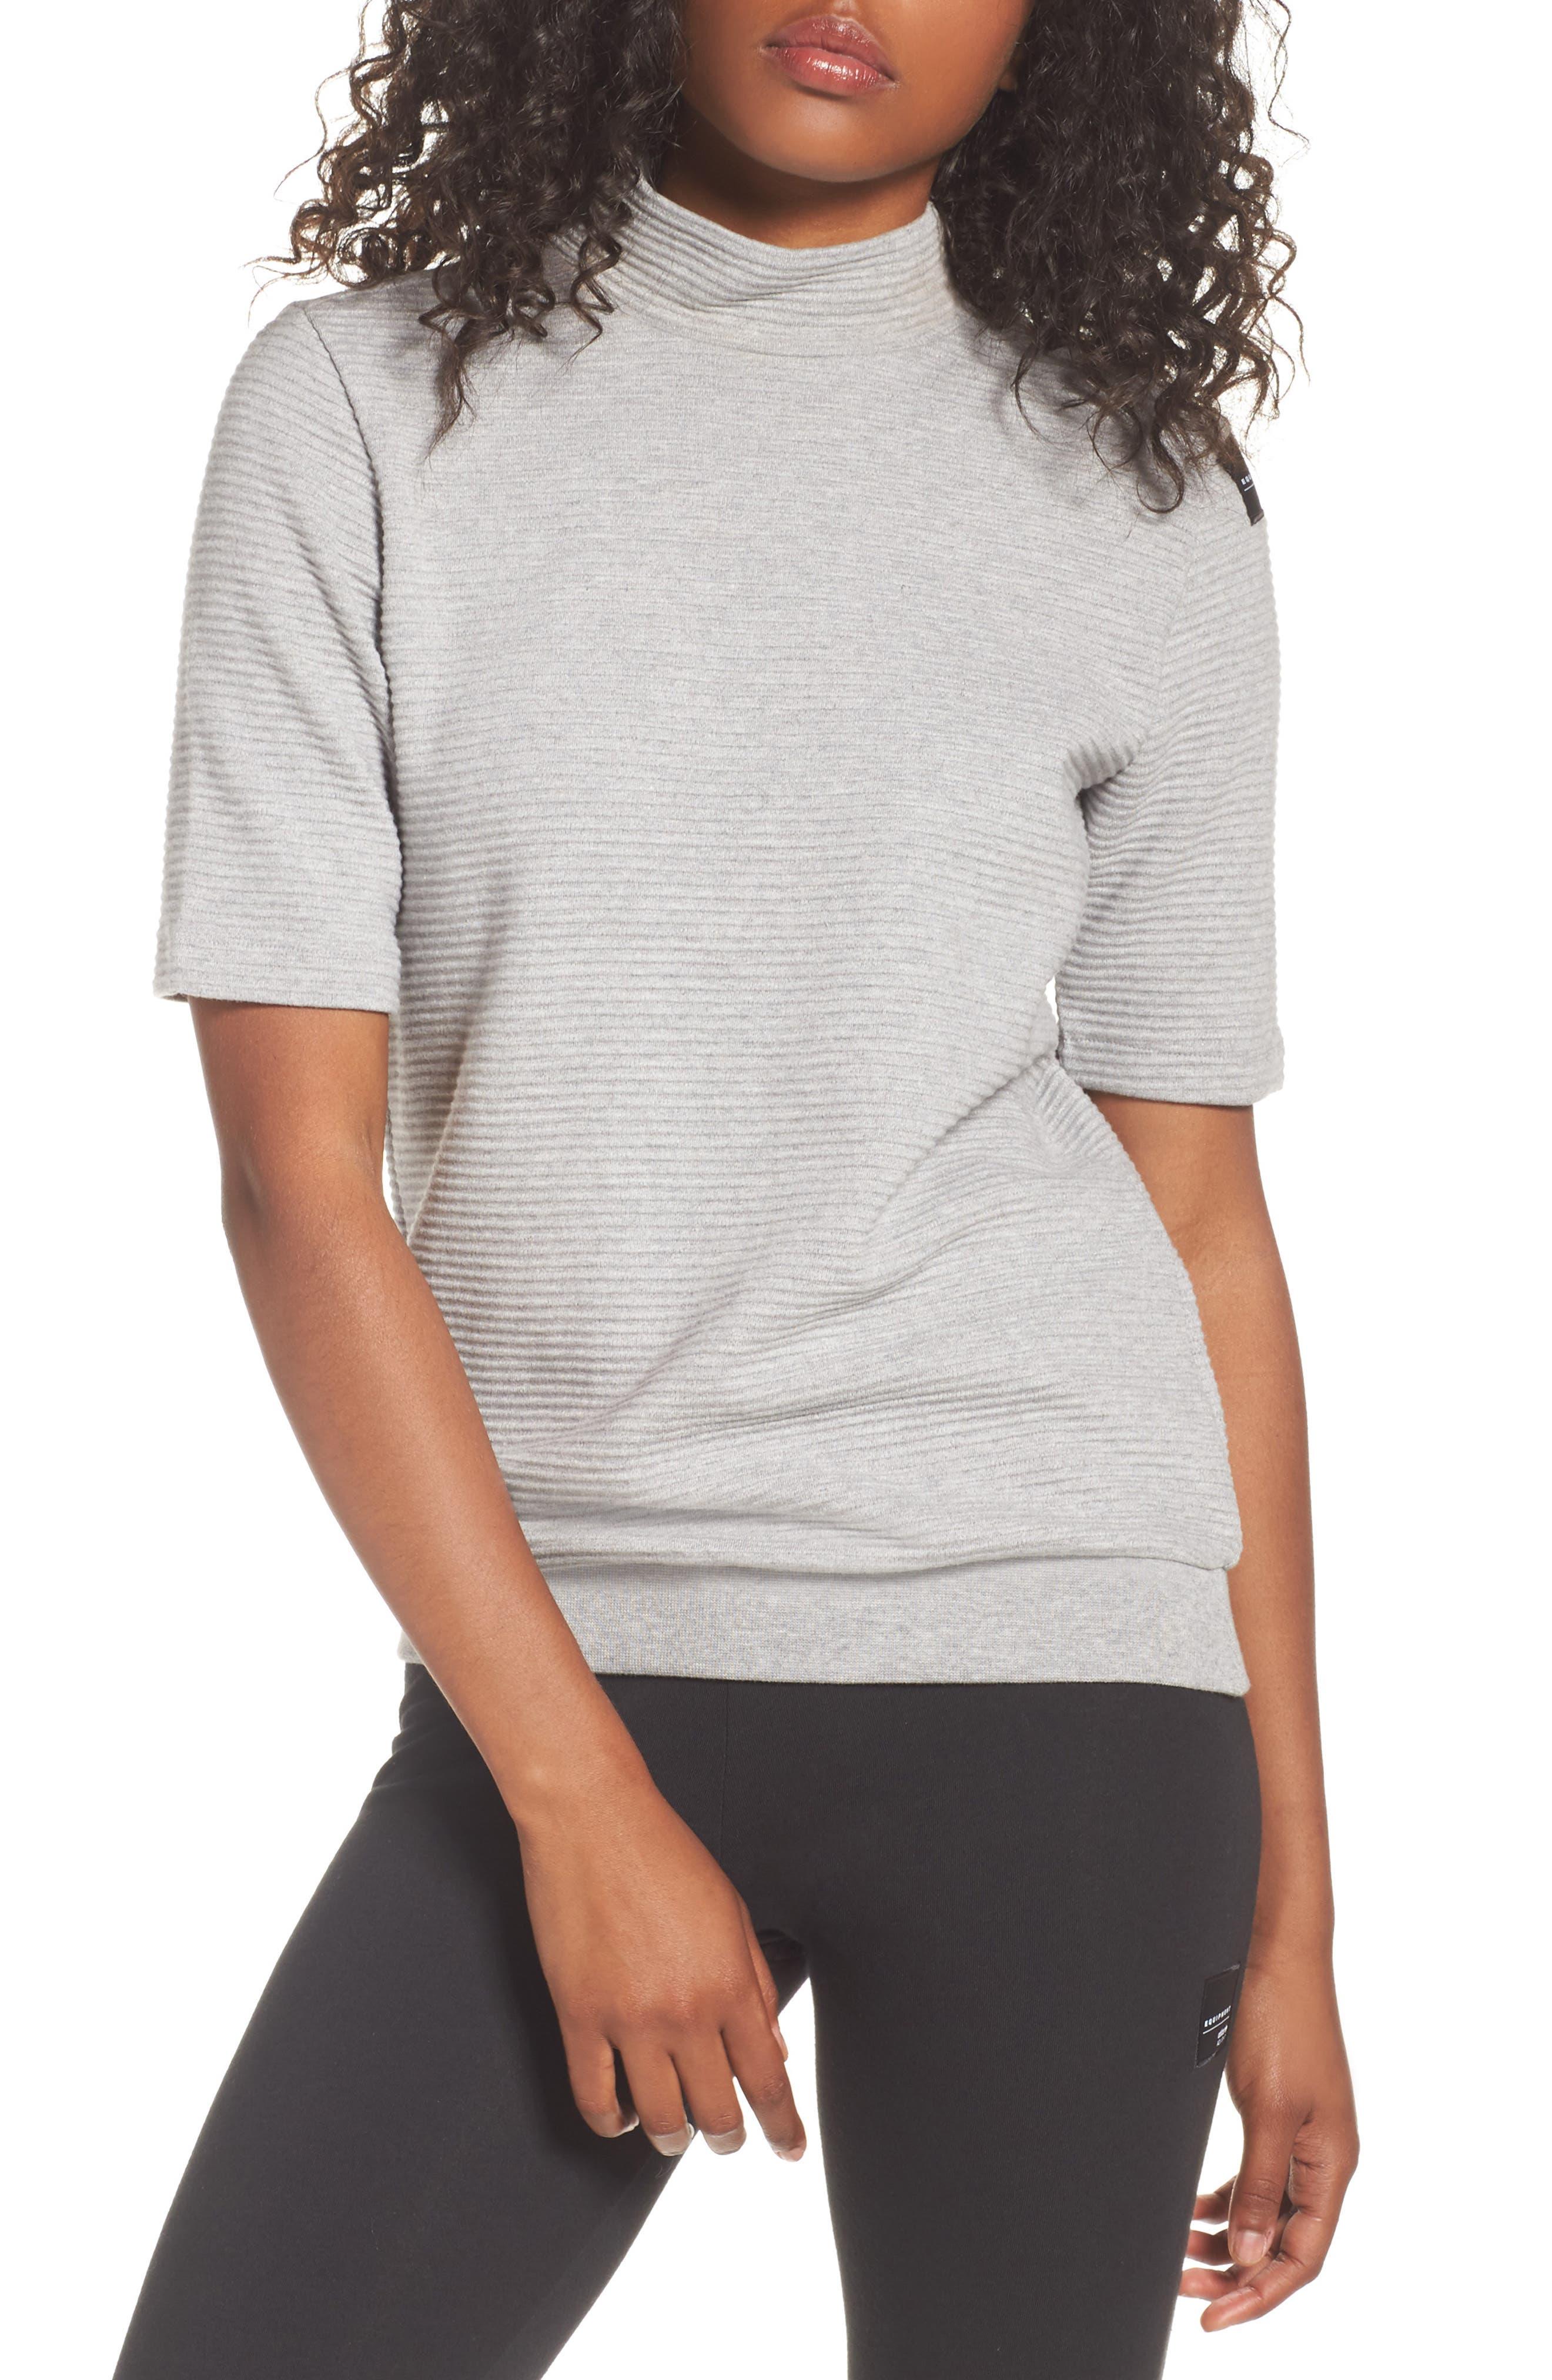 Originals EQT Sweatshirt,                             Main thumbnail 1, color,                             Medium Grey Heather